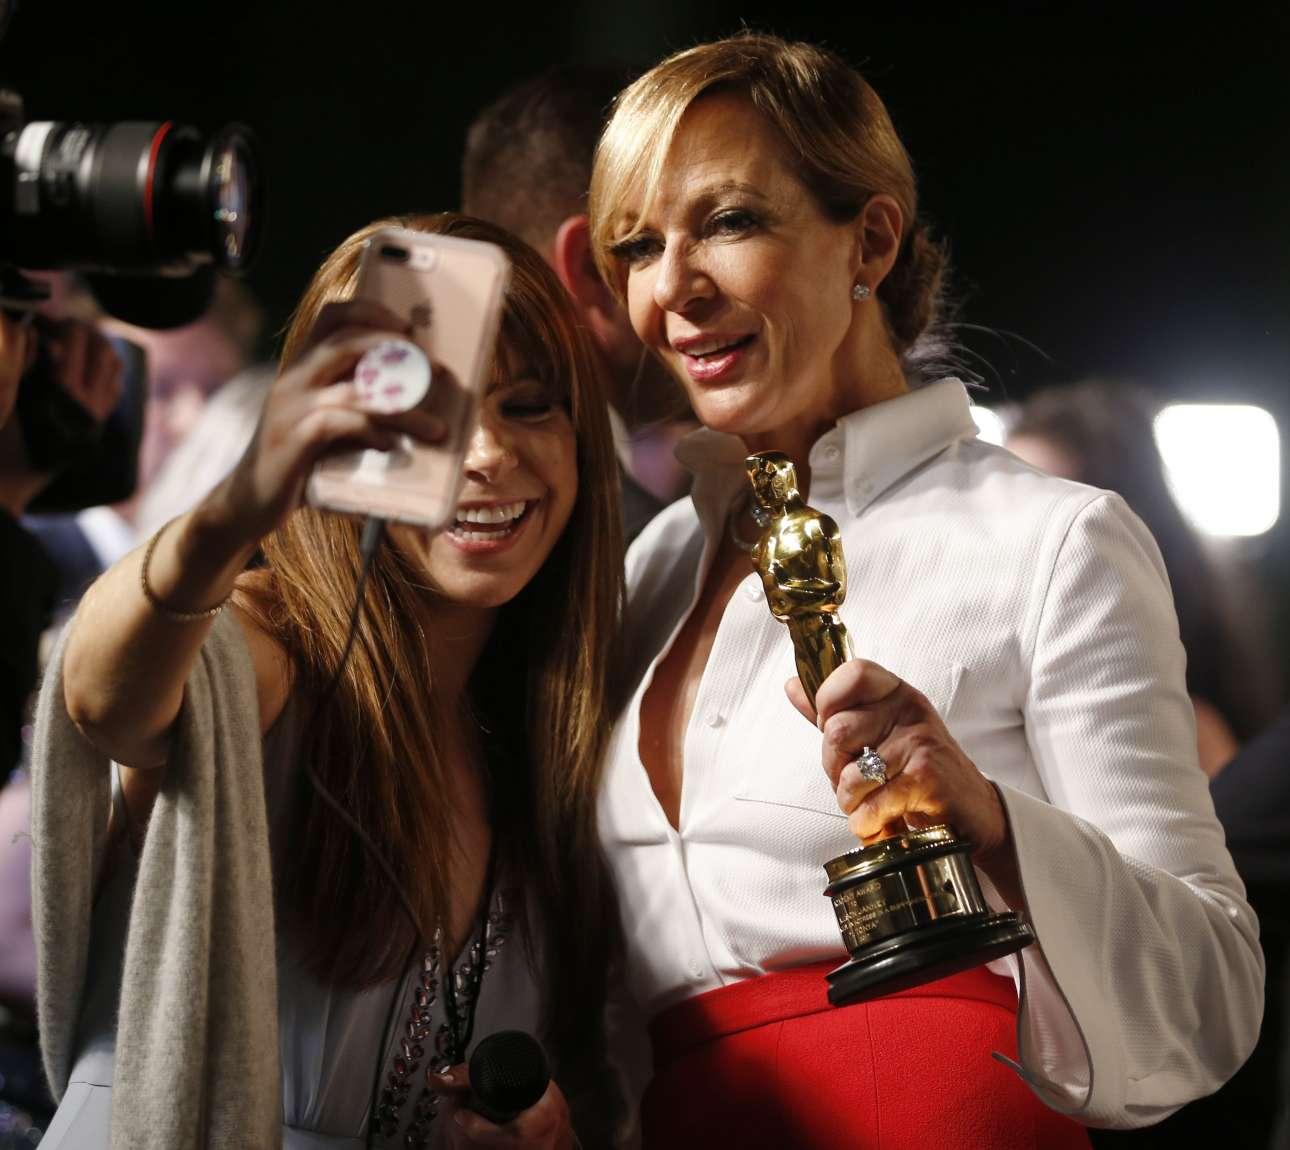 Σέλφι με την Αλισον Τζάνεϊ, βραβευθείσα με το Οσκαρ β' γυναικείου ρόλου για την ερμηνεία της στο «Εγώ, η Τόνια»